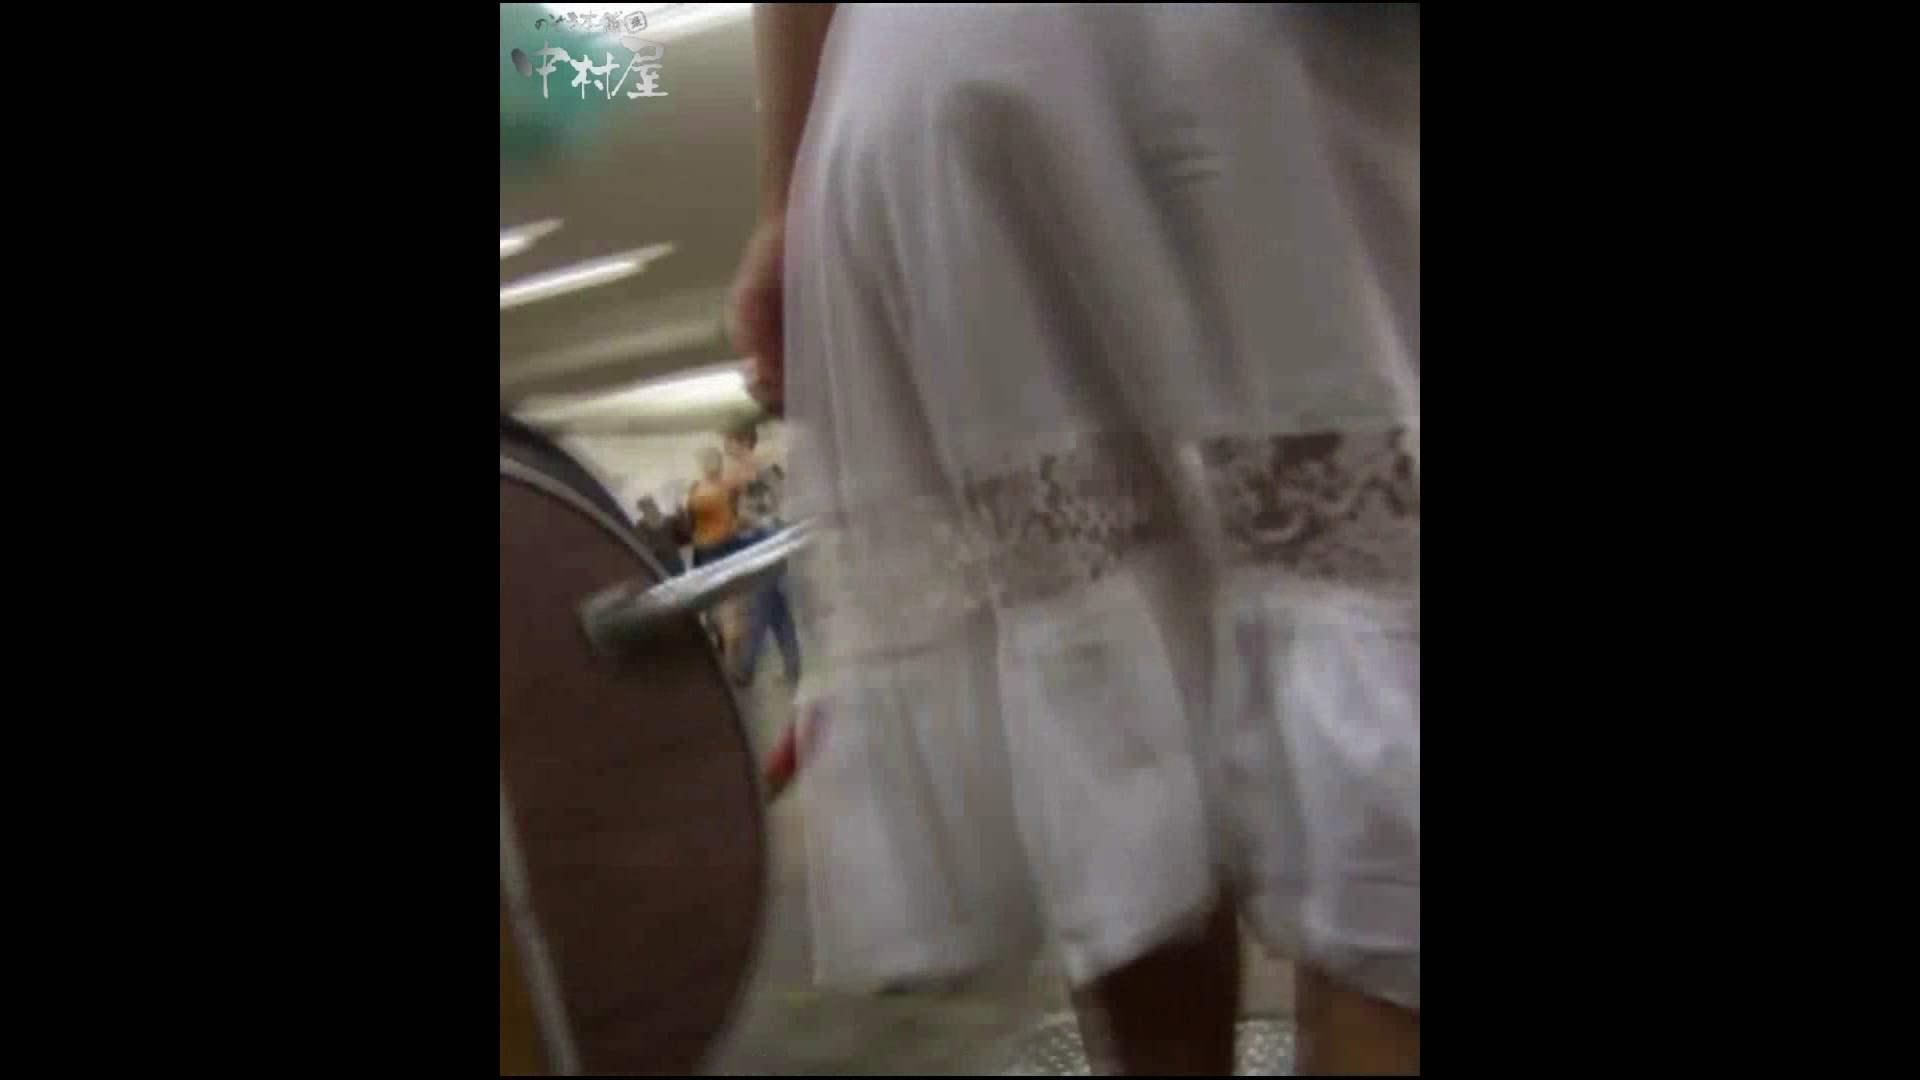 綺麗なモデルさんのスカート捲っちゃおう‼ vol11 モデルのエロ生活 | OLのエロ生活  68連発 7